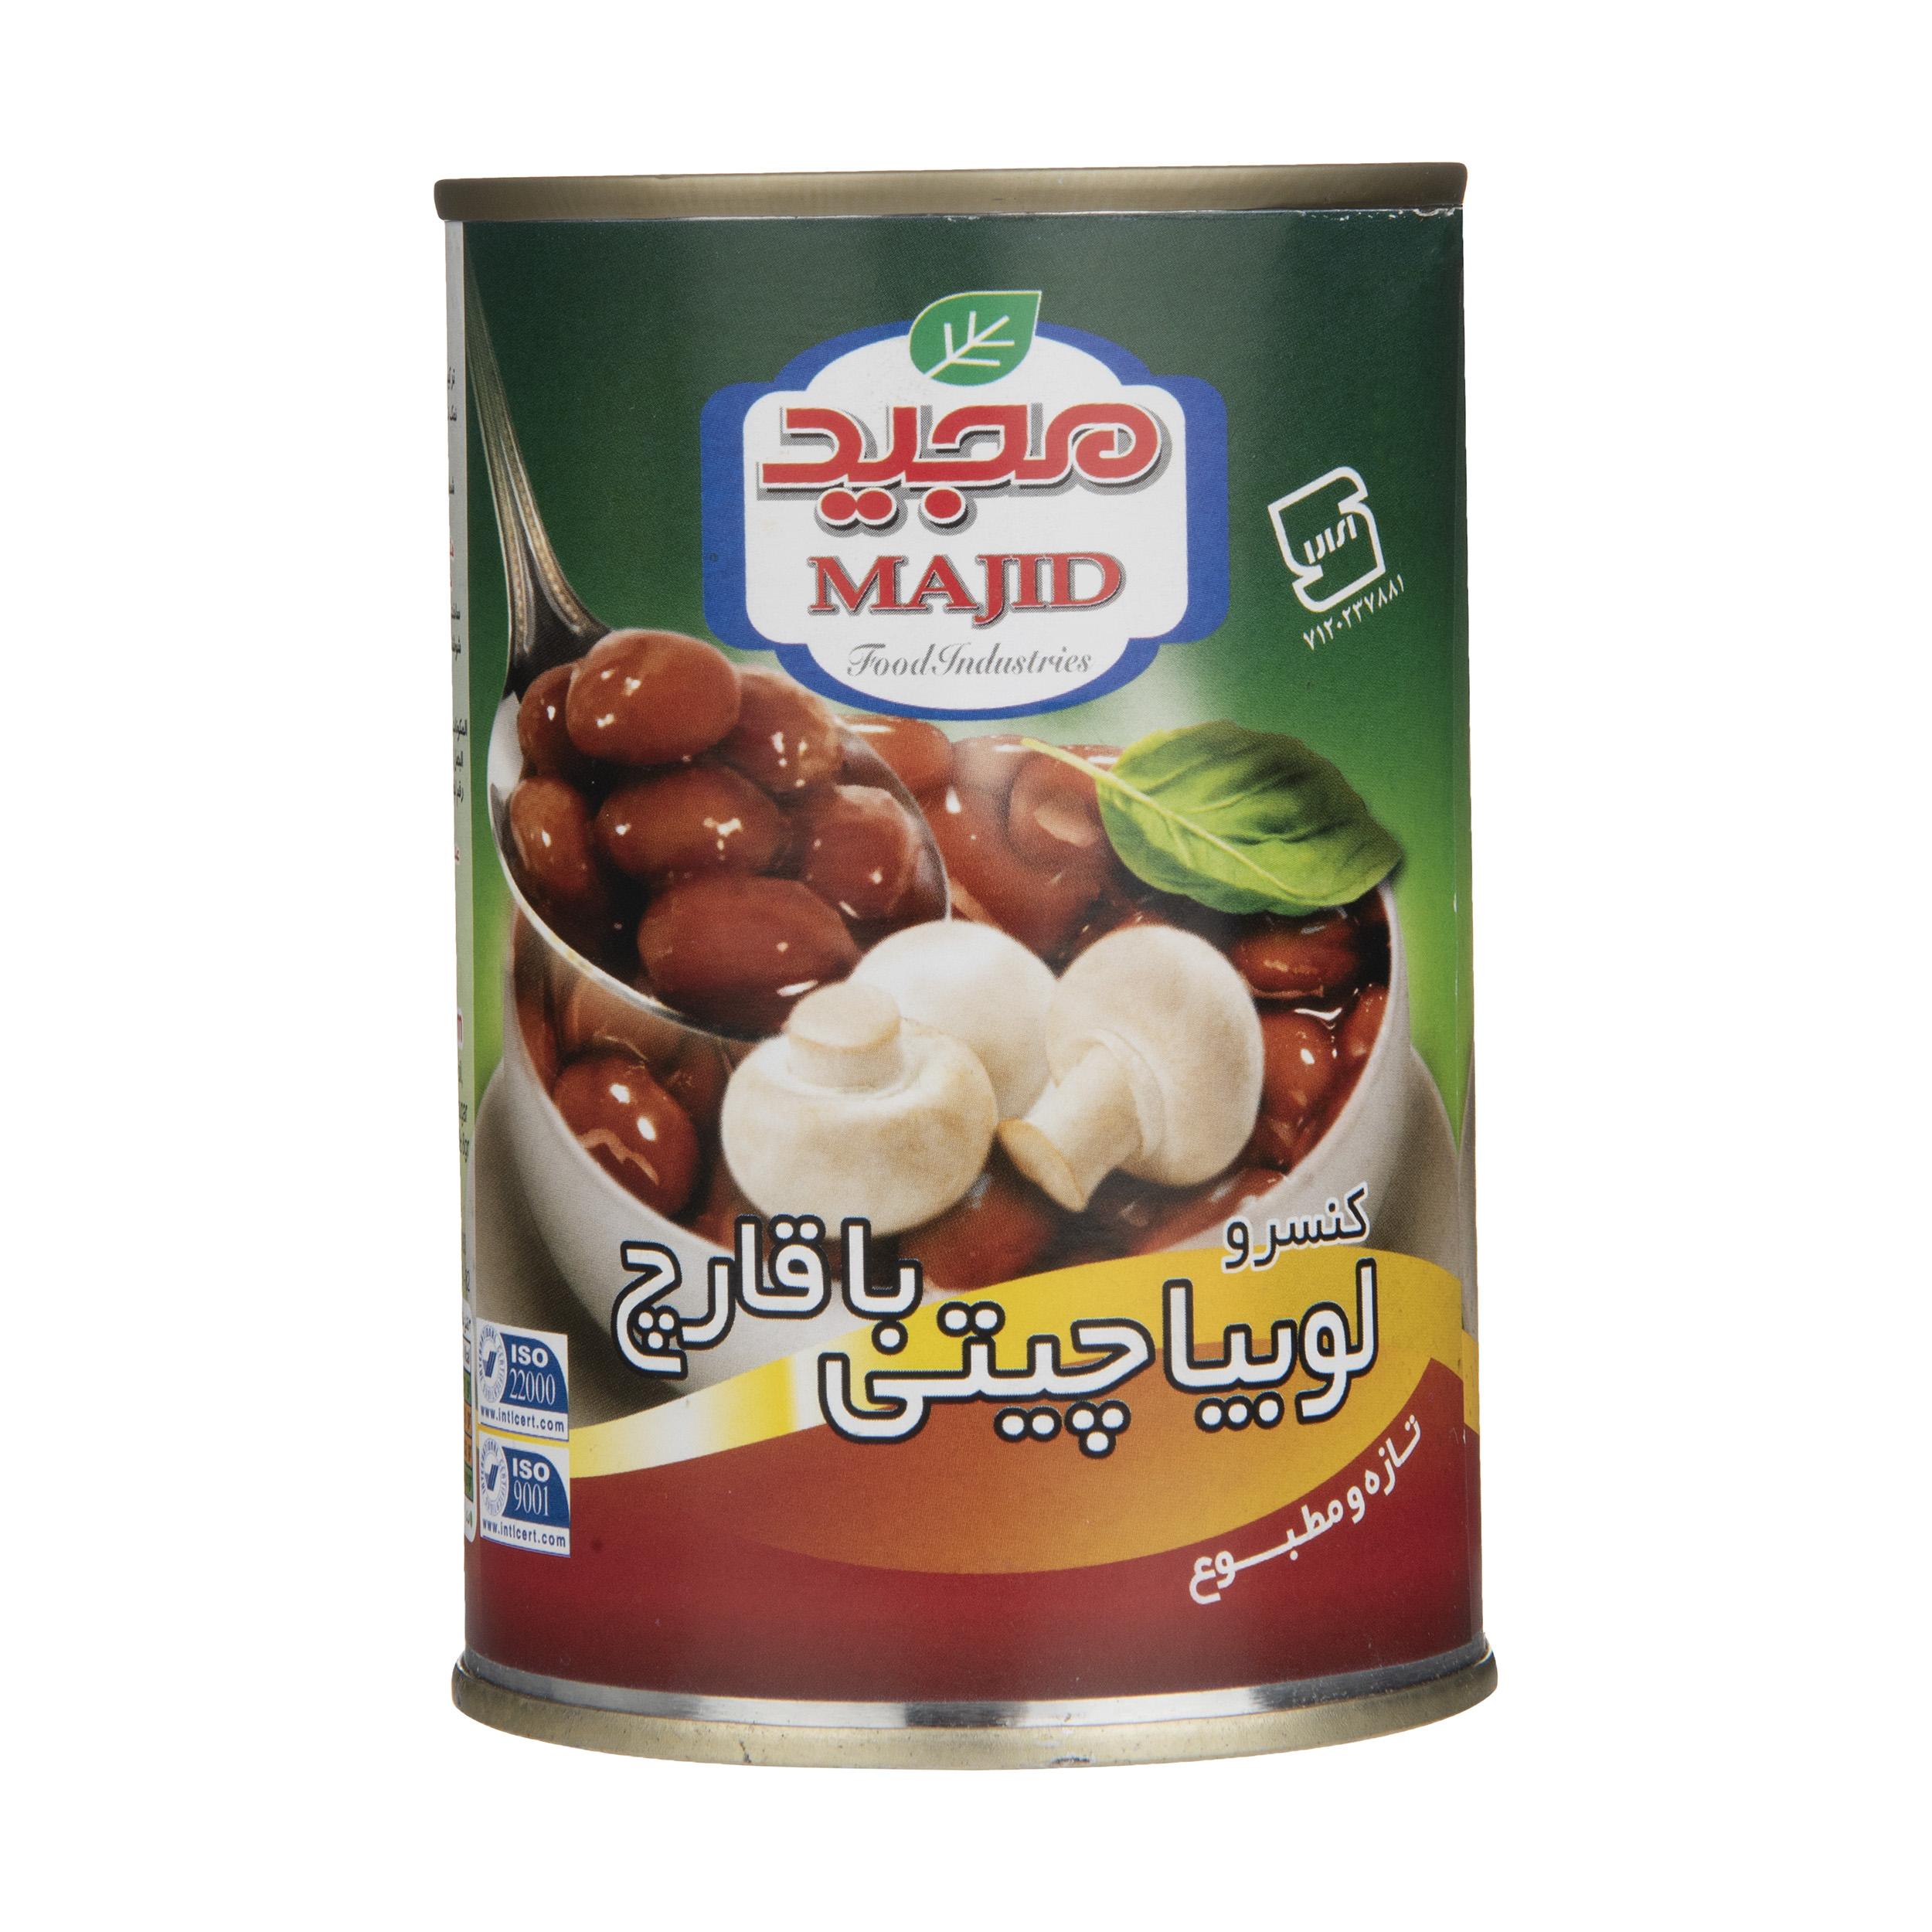 کنسرو خوراک لوبیا چیتی با قارچ مجید - 400 گرم thumb